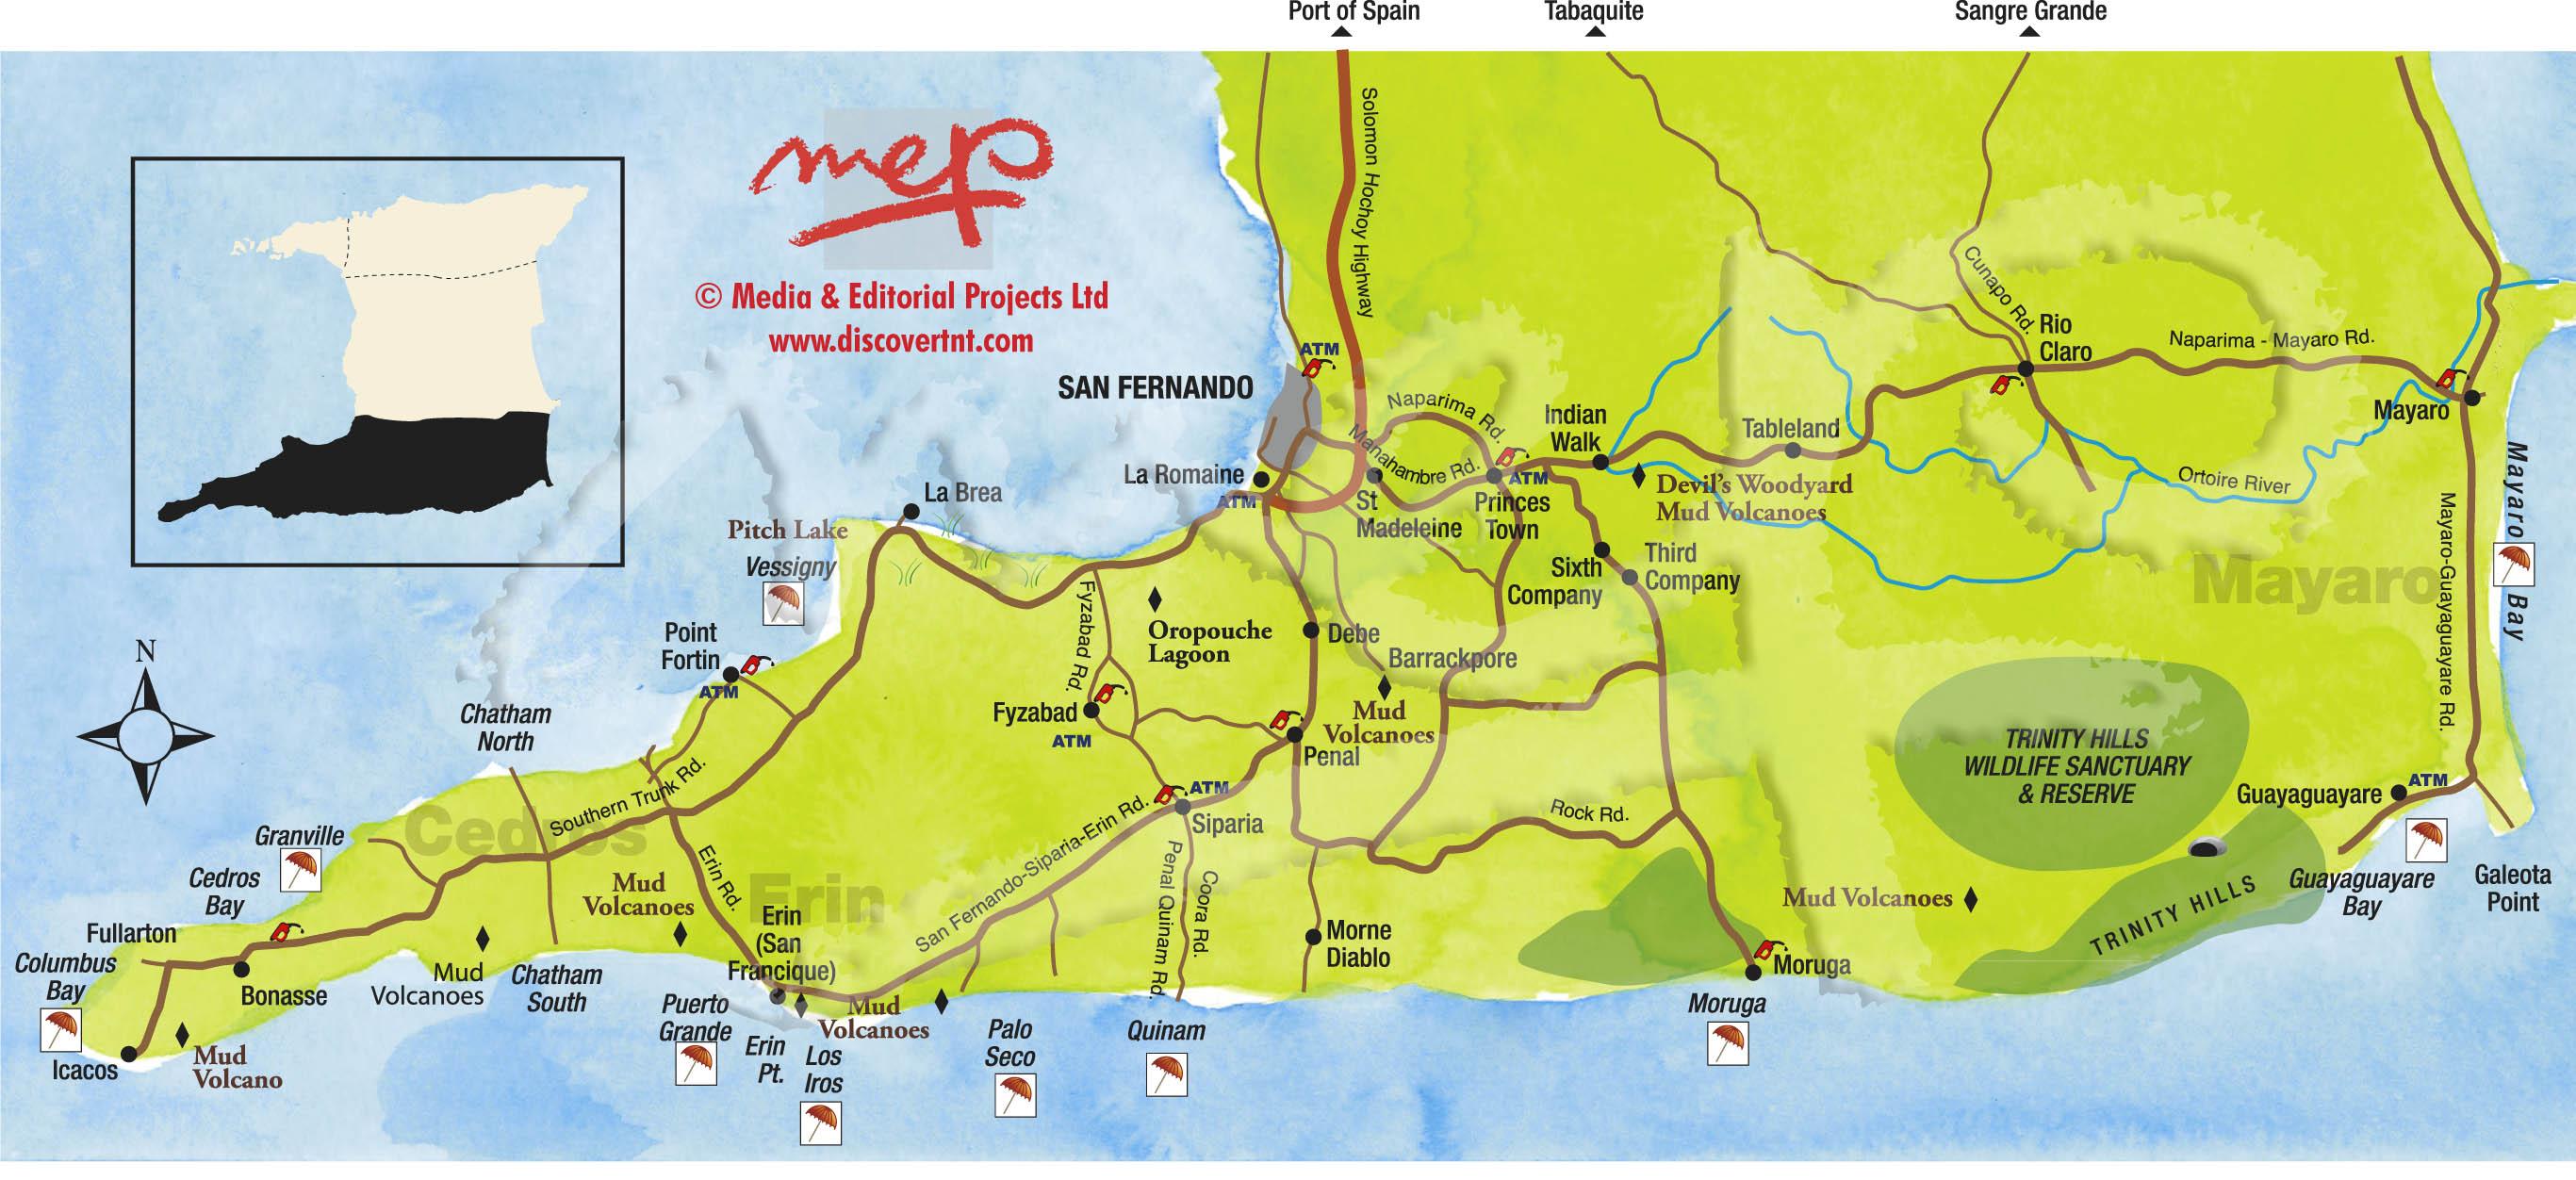 Trinidad Maps Discover Trinidad Tobago - Trinidad map